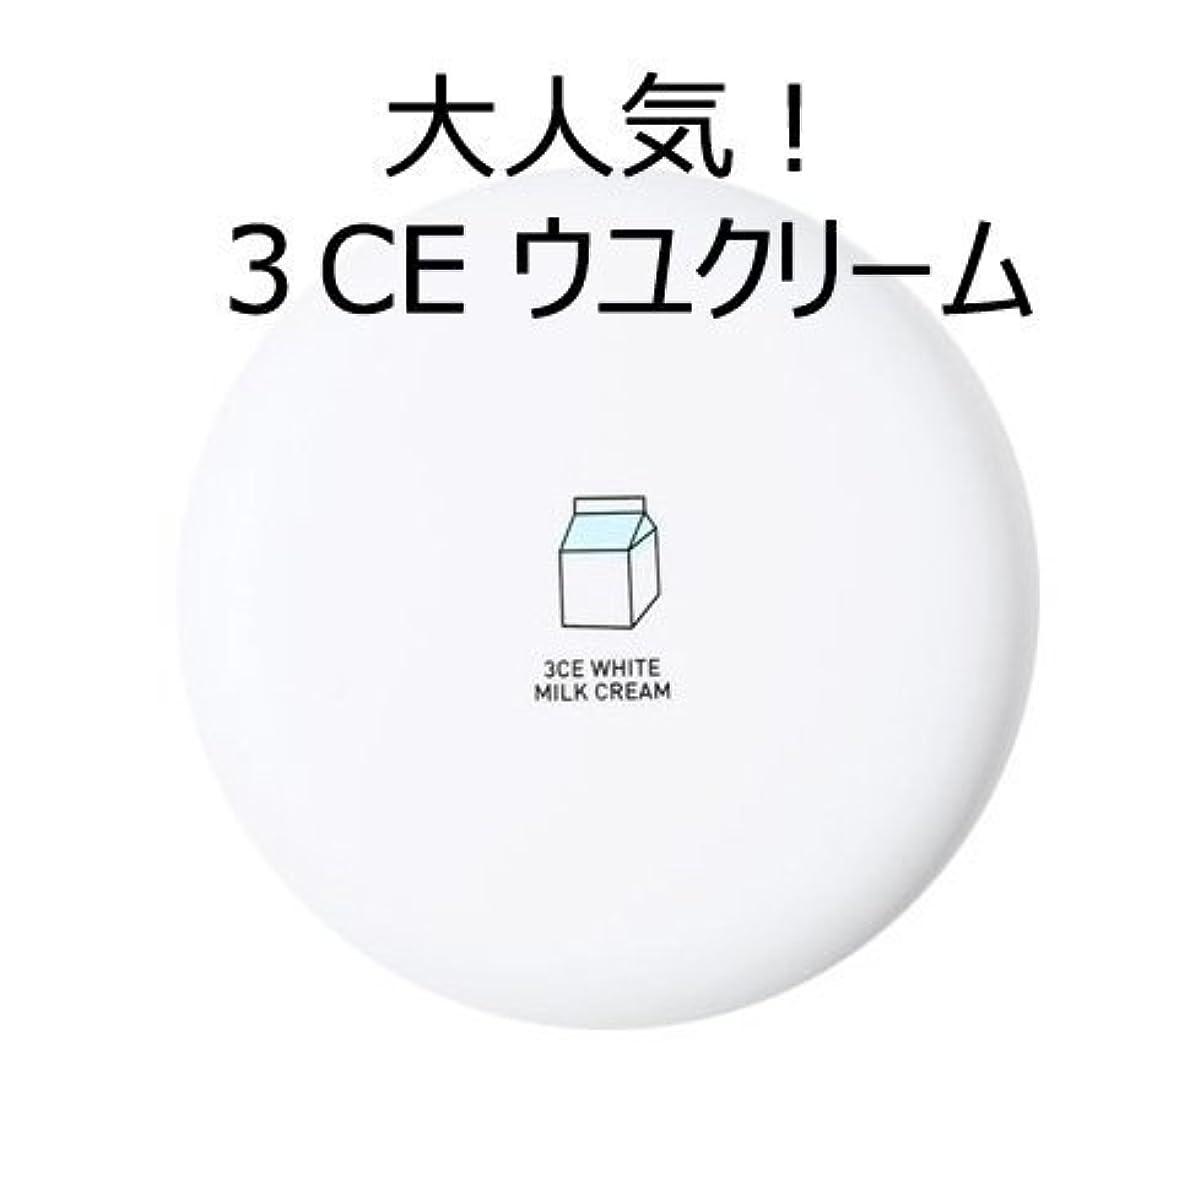 めまい昇る農奴[3CE] [大人気!話題のウユクリーム] 3CE White Milk Cream [並行輸入品]